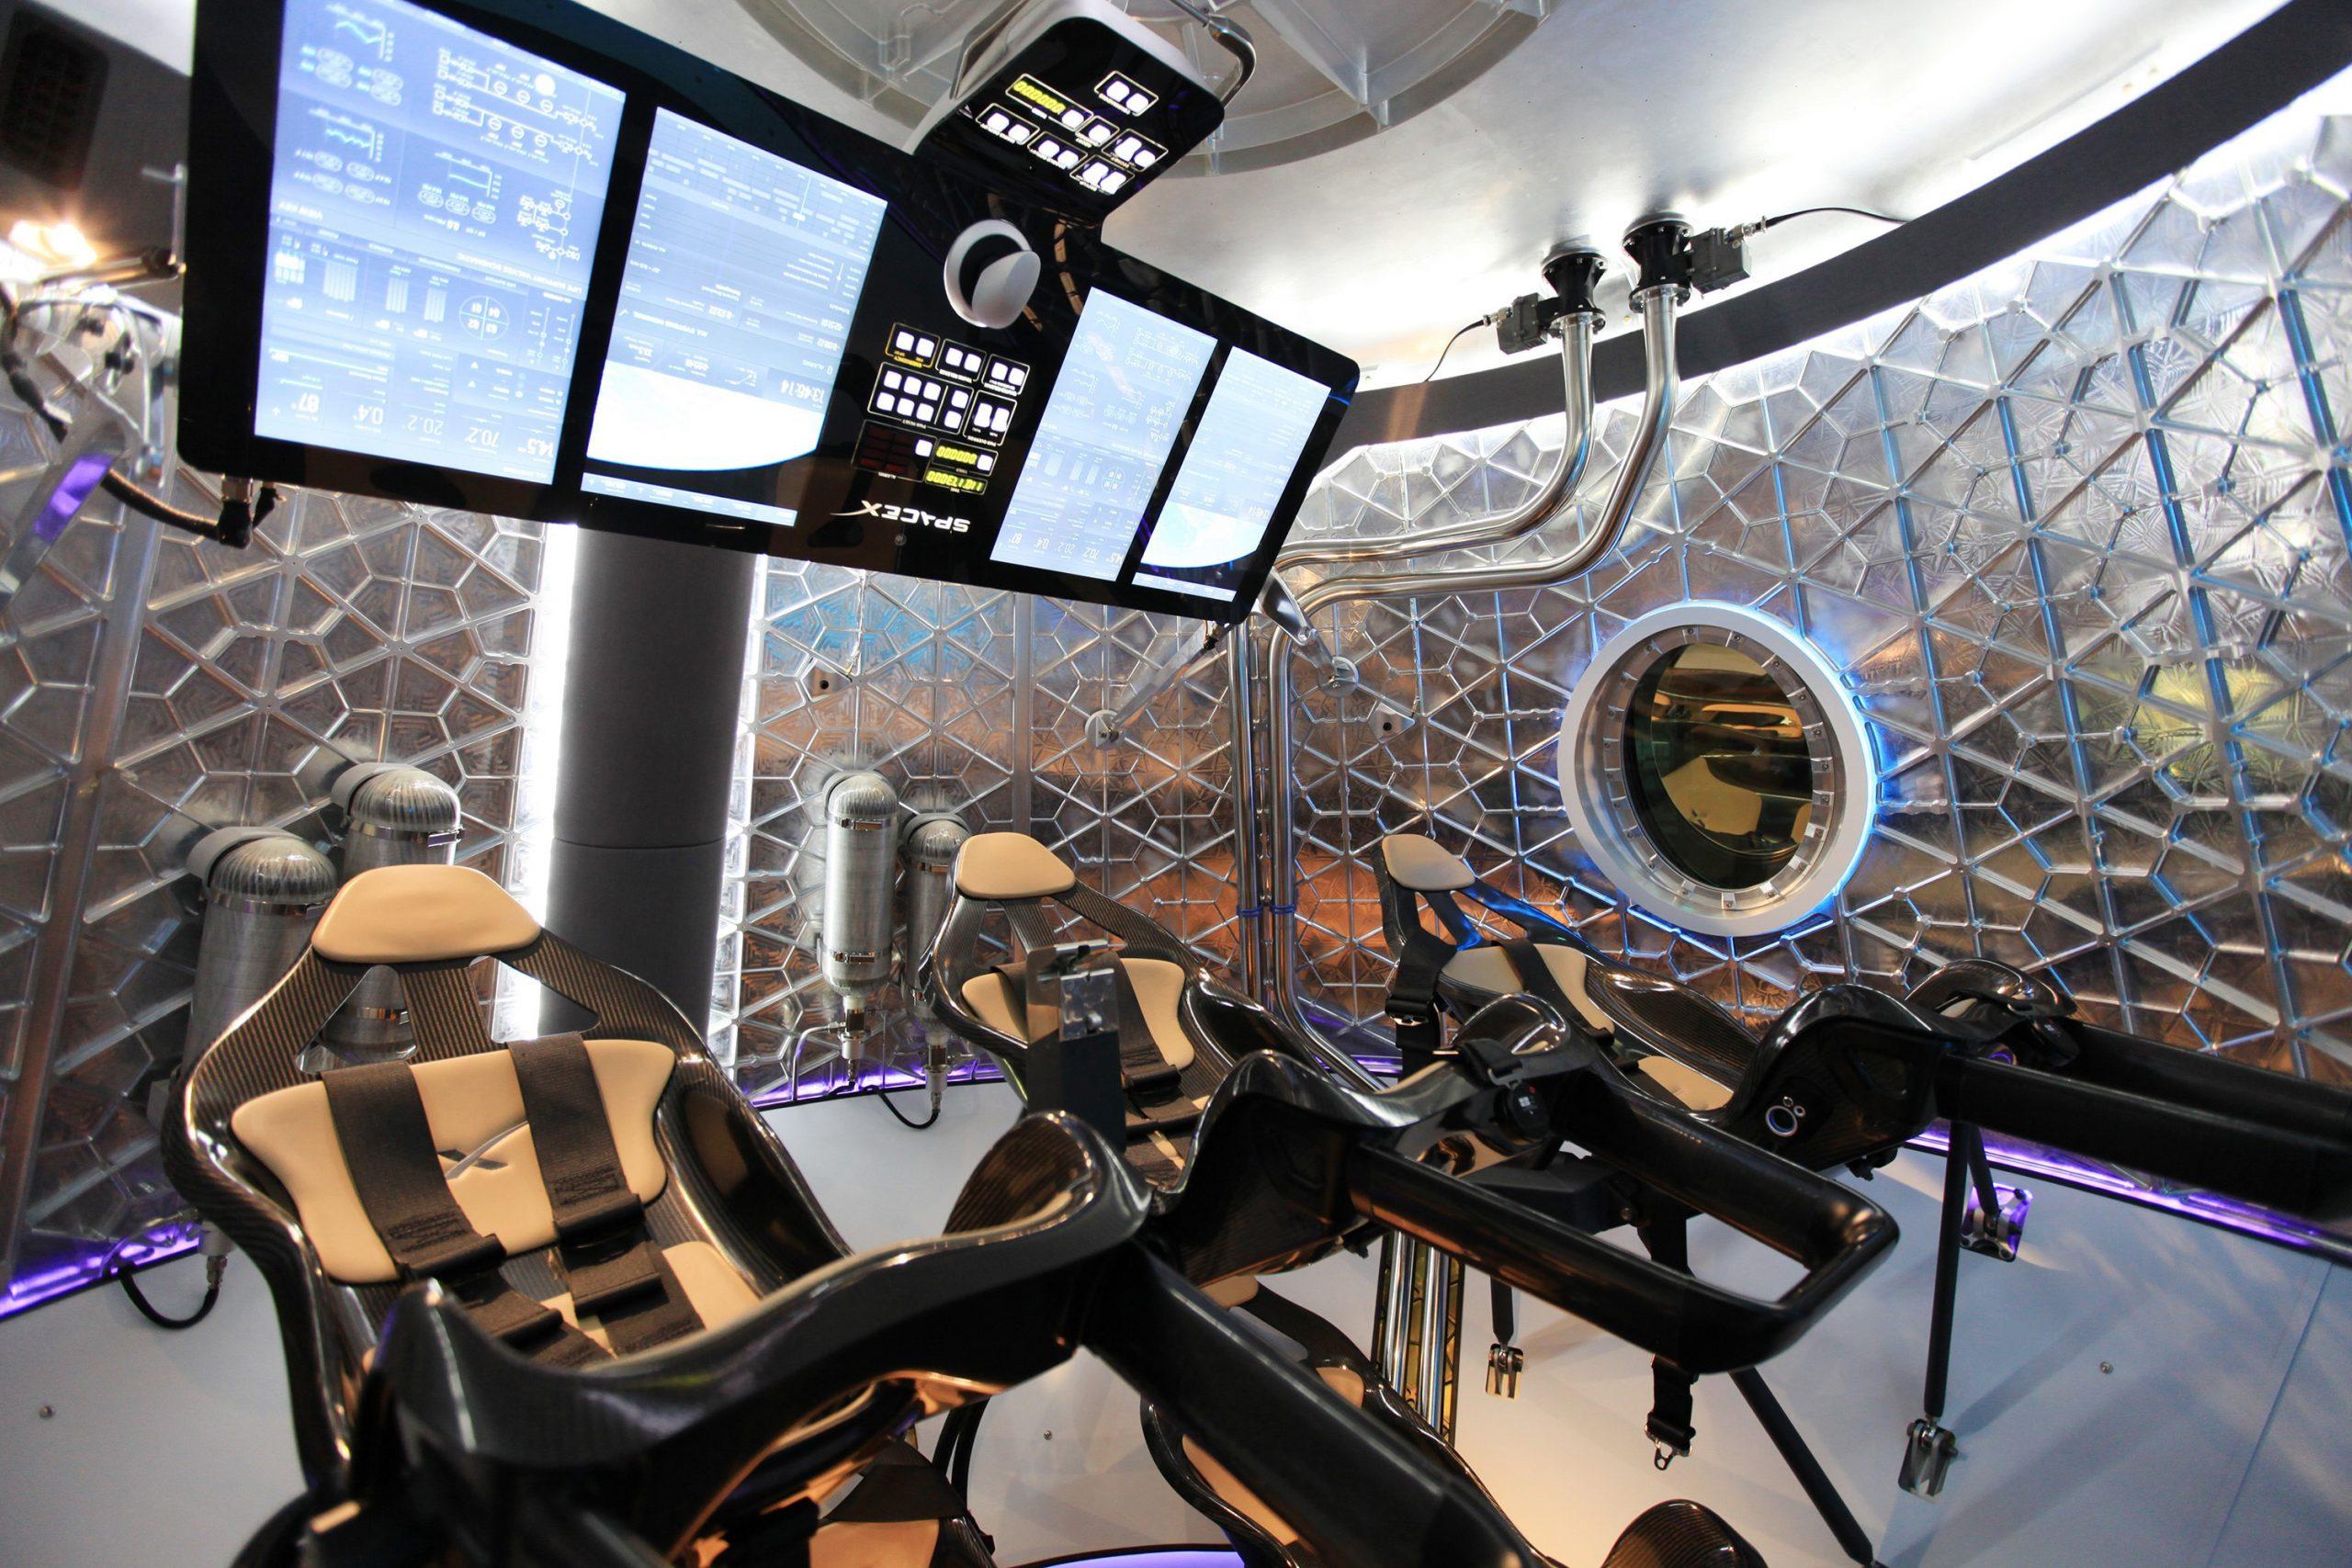 消える操縦桿、宇宙船の「AI化」はどこまで進めるべきか?